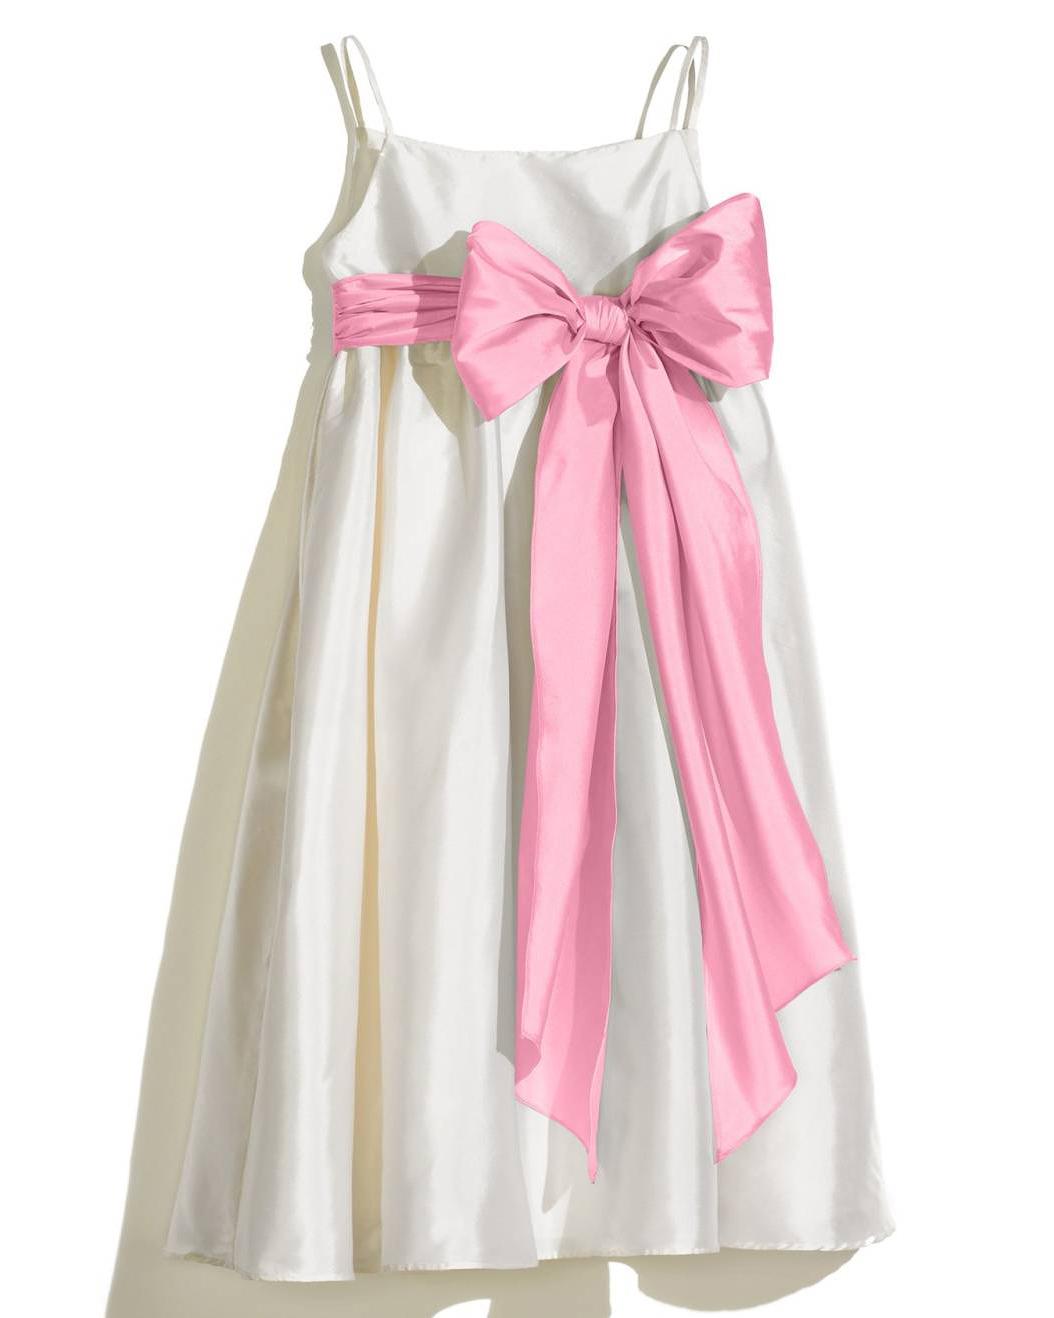 white flower girl dress pink bow